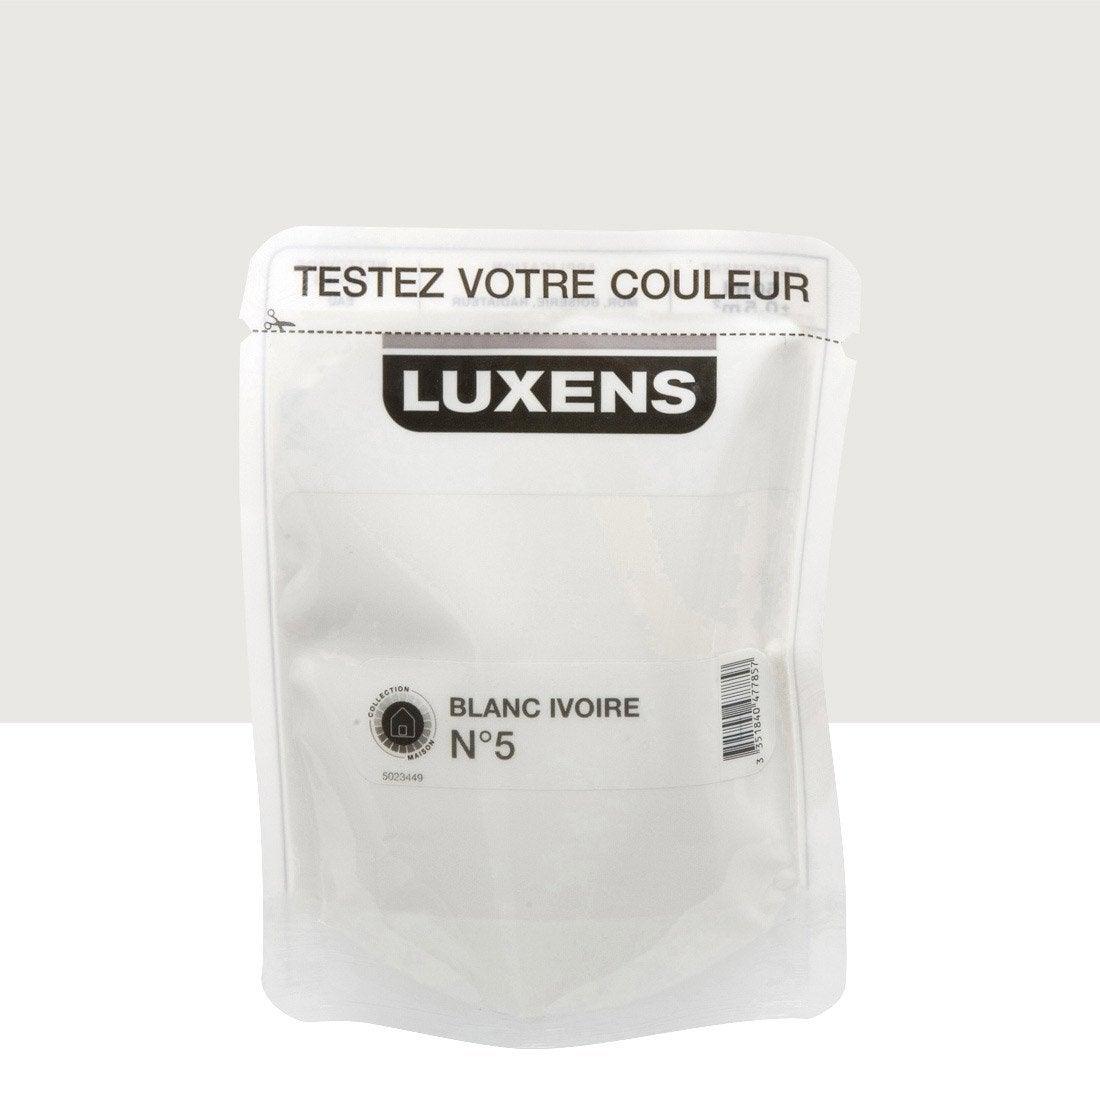 Testeur peinture blanc ivoire 5 luxens couleurs int rieures satin l leroy merlin - Blanc comme l ivoire ...